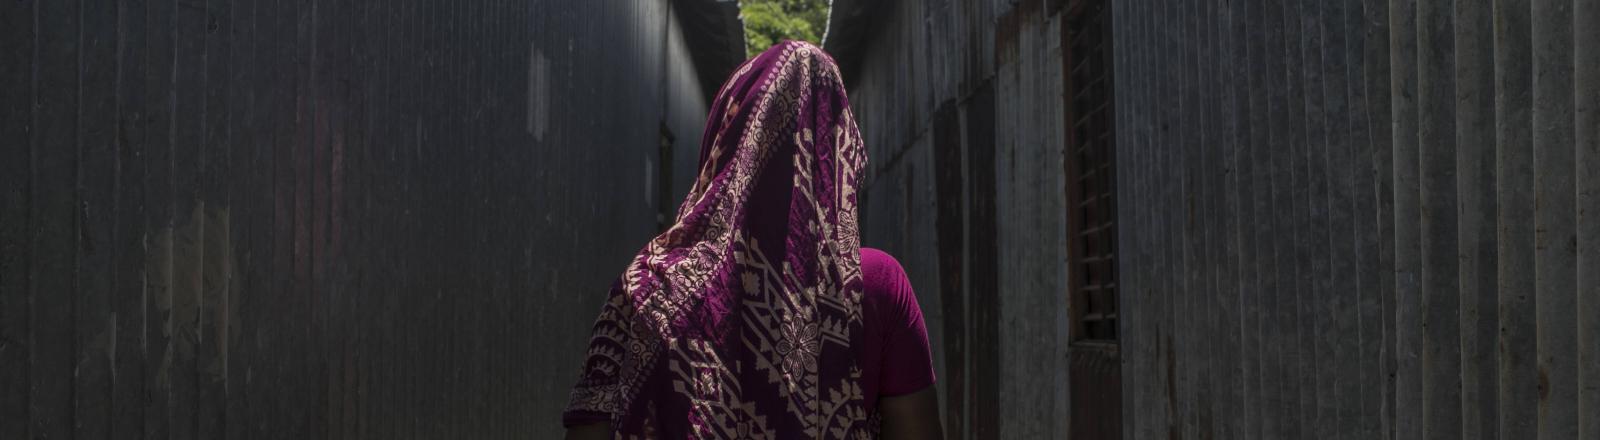 Bis heute ist Prostitution häufig mit Gewalt verbunden: Eine Prostituierte in der Stadt Daulatdia in Bangladesch im August 2021